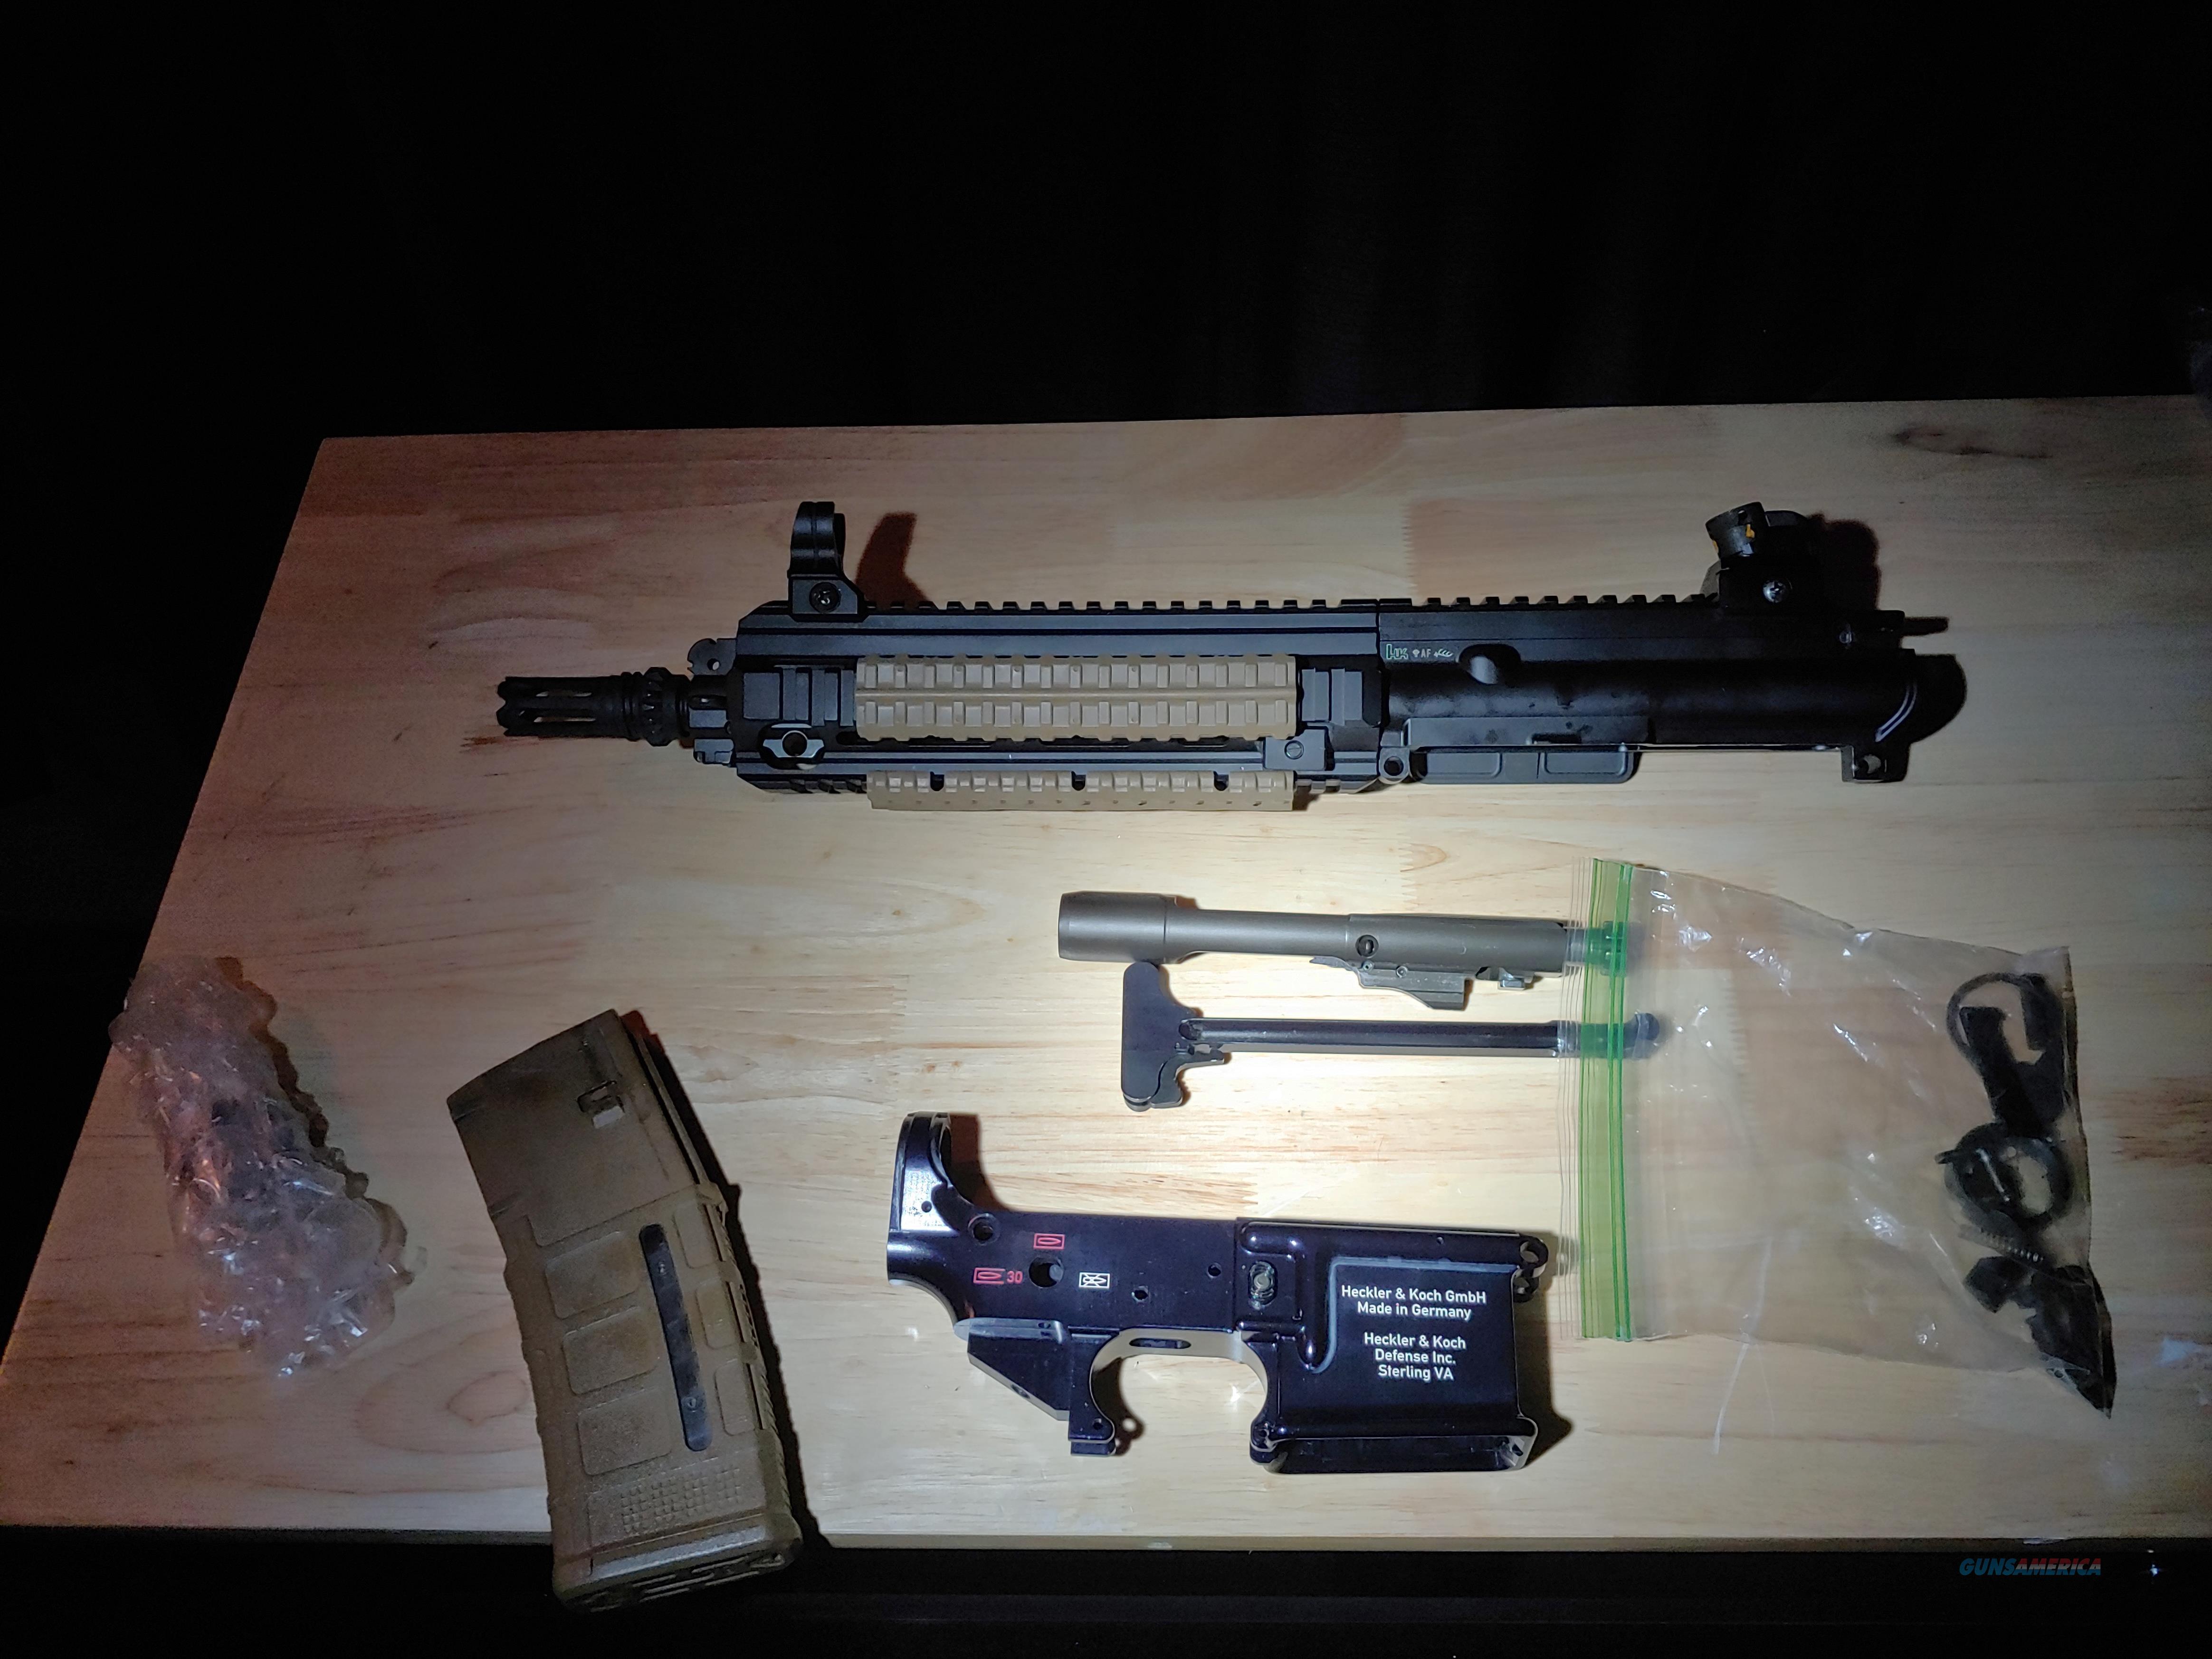 HK 416 Upper/Lower   Guns > Rifles > Heckler & Koch Rifles > Tactical